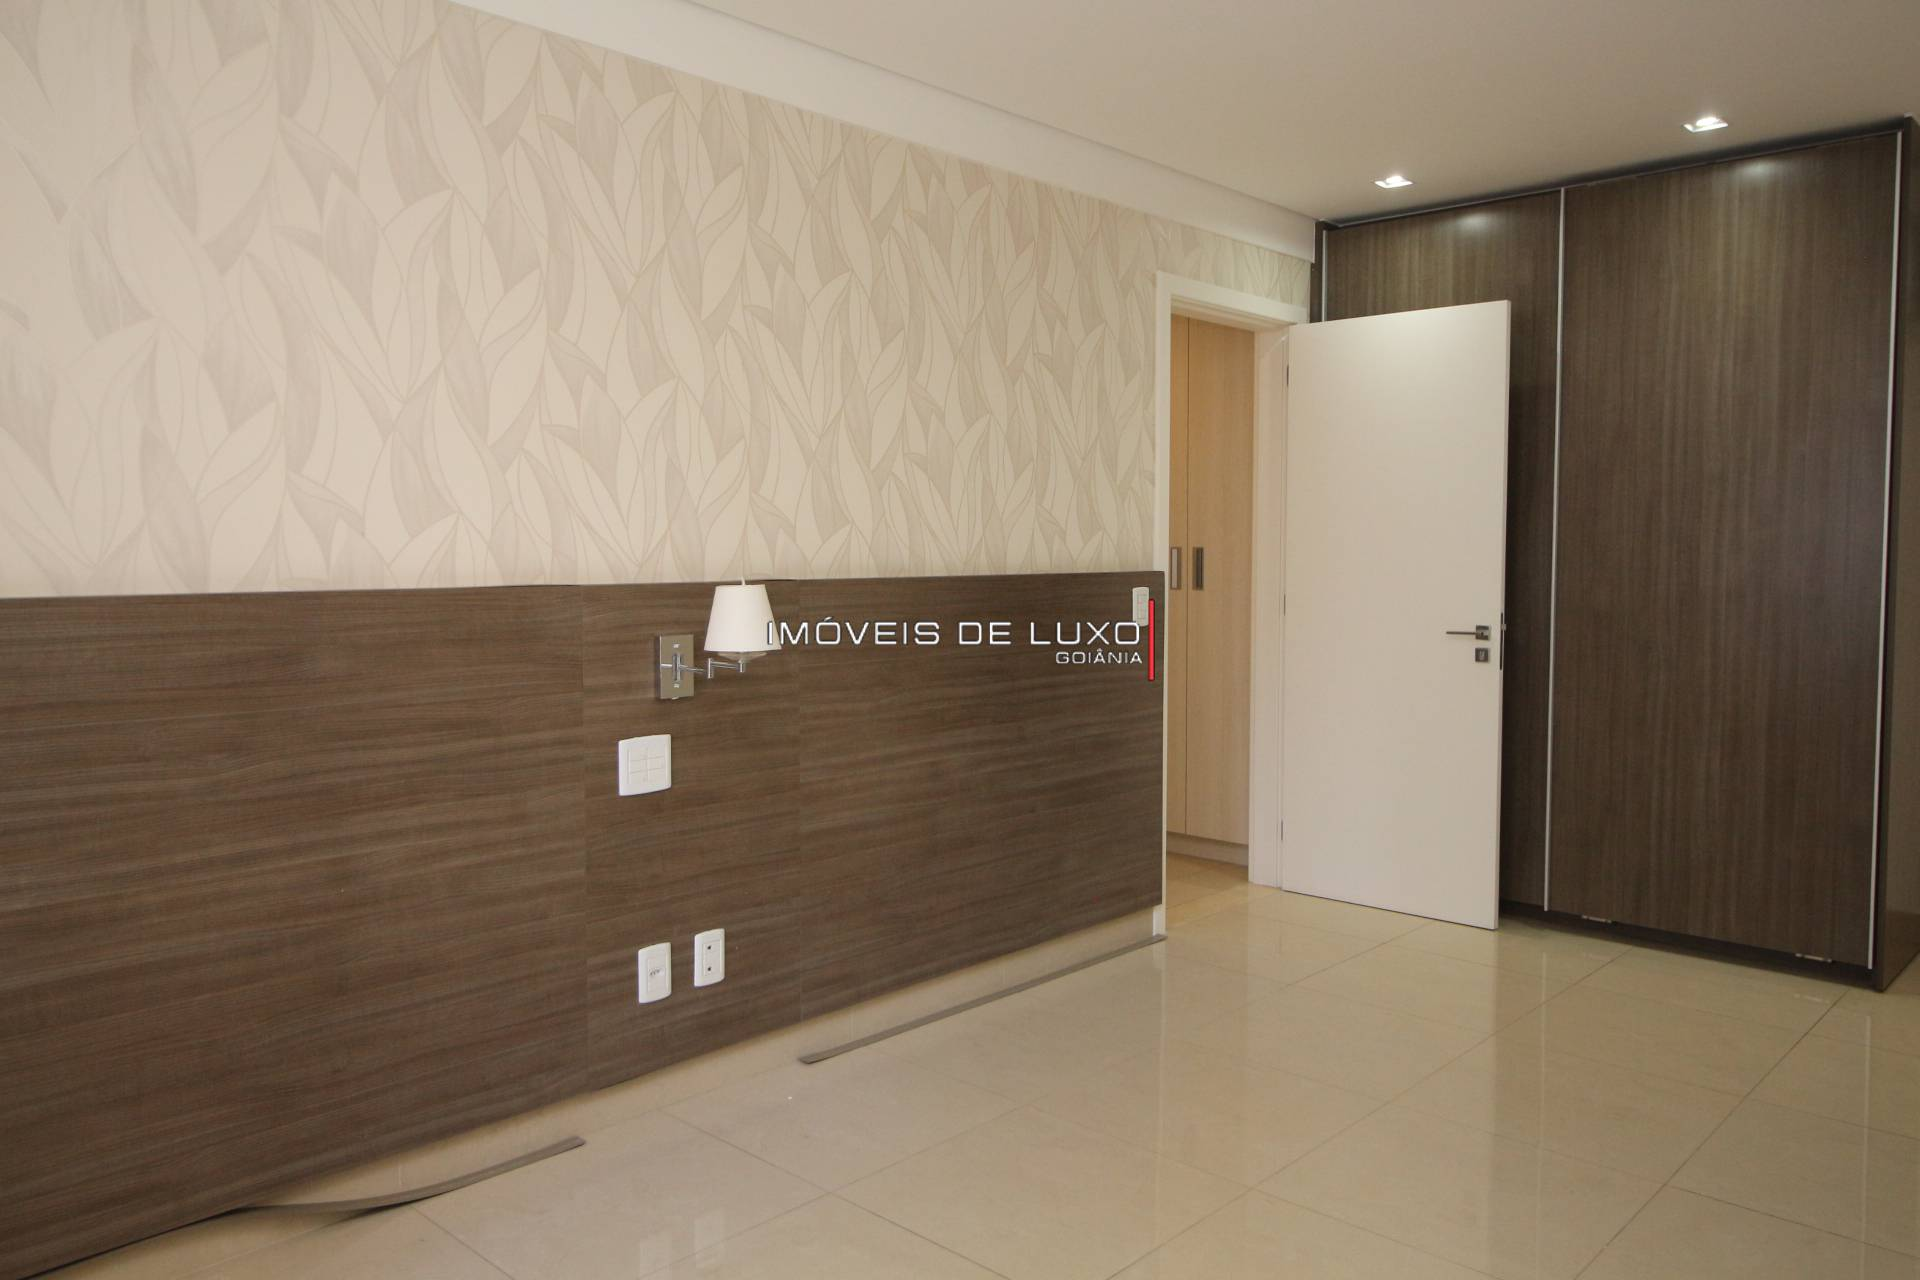 Imóveis de Luxo - Apartamento 4 suítes em frente ao parque Areião